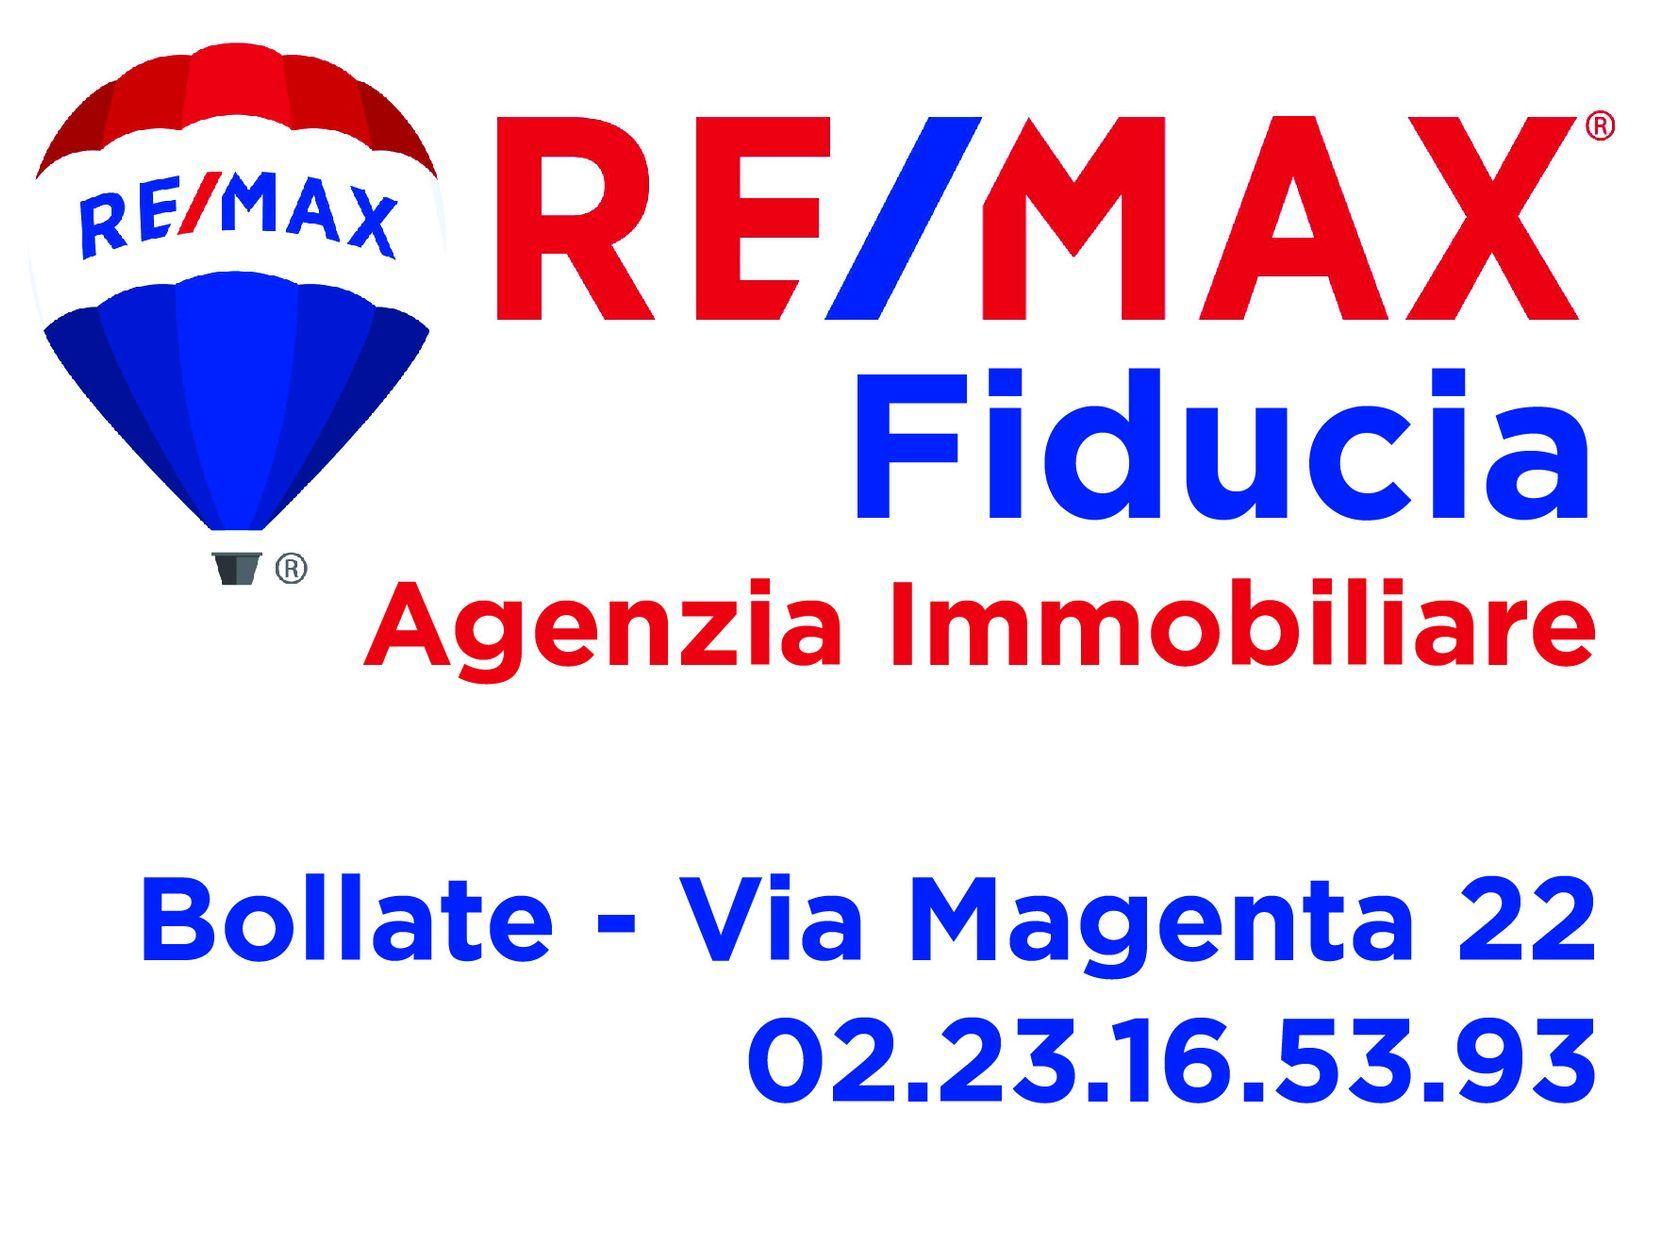 RE/MAX Fiducia Bollate